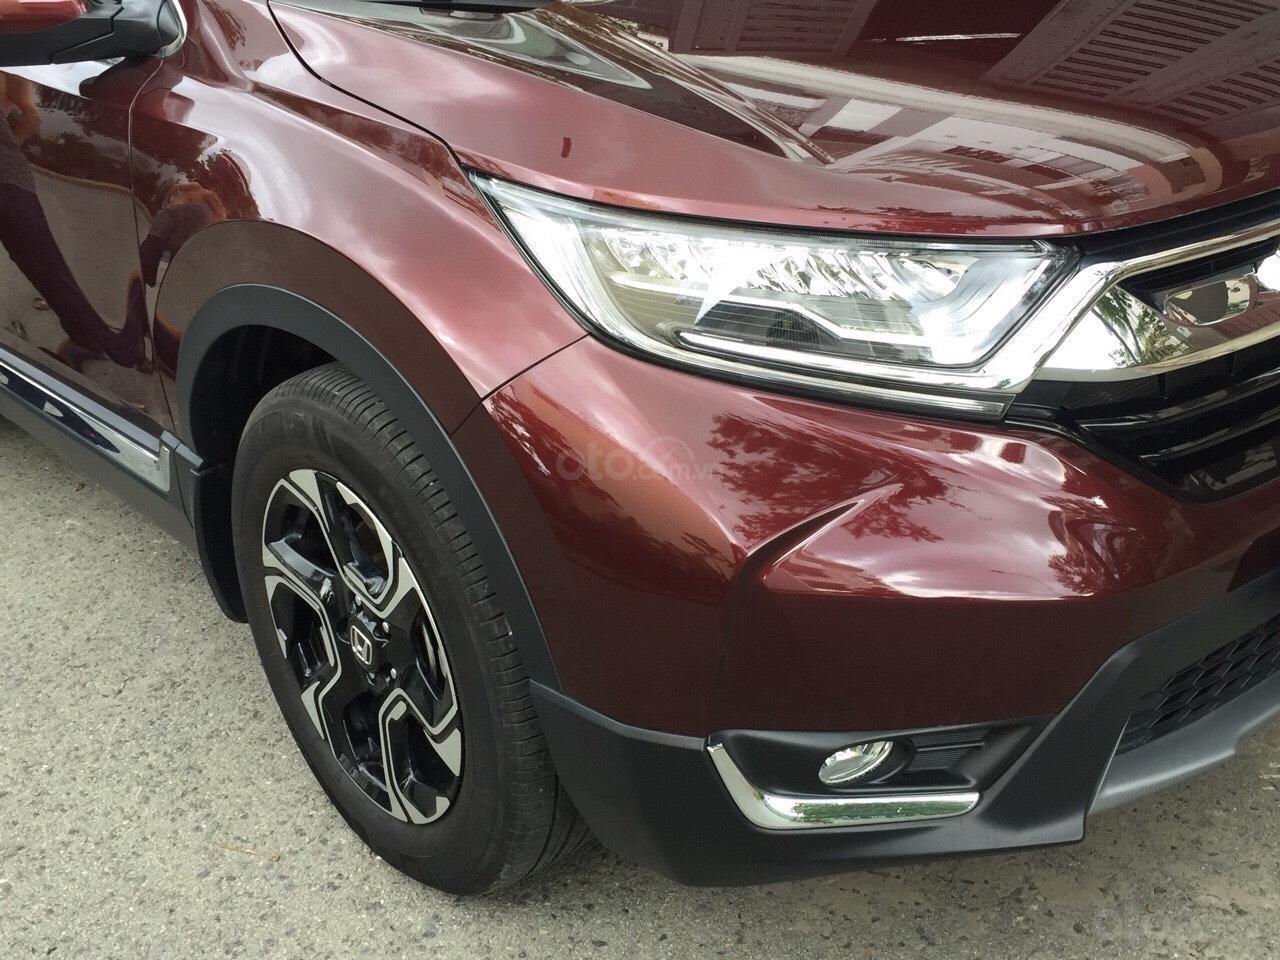 Bán Honda CR-V 1.5G 2018 màu đỏ mận xe đẹp không lỗi đi đúng 11.000km, cam kết chất lượng bao kiểm tra hãng-1